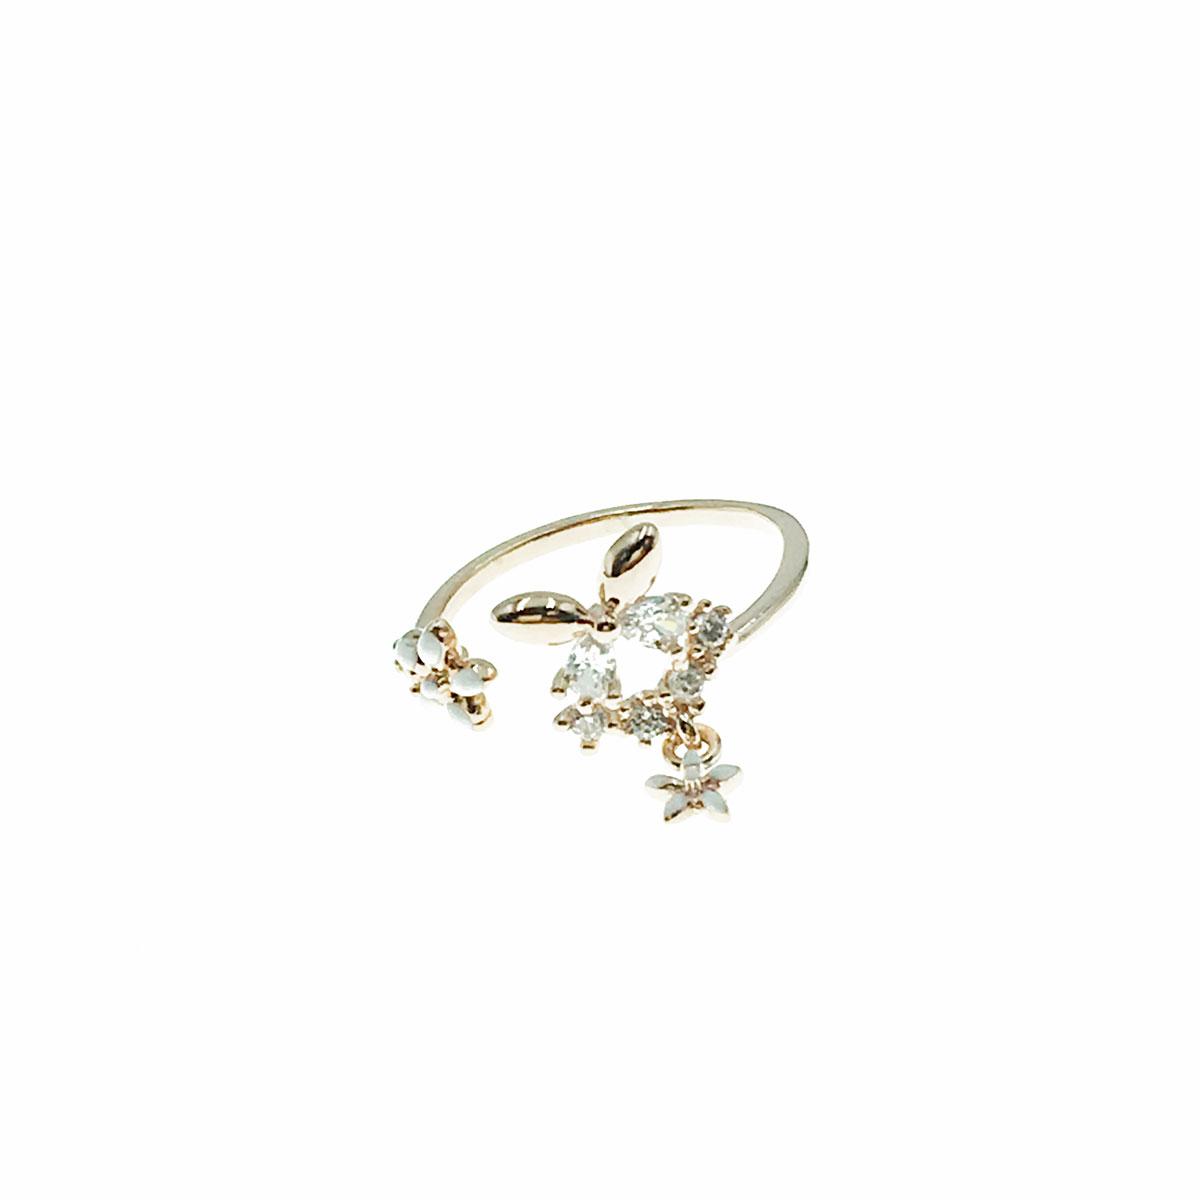 韓國 水鑽 蝴蝶 花朵 簍空 垂墜感 可調式 戒指